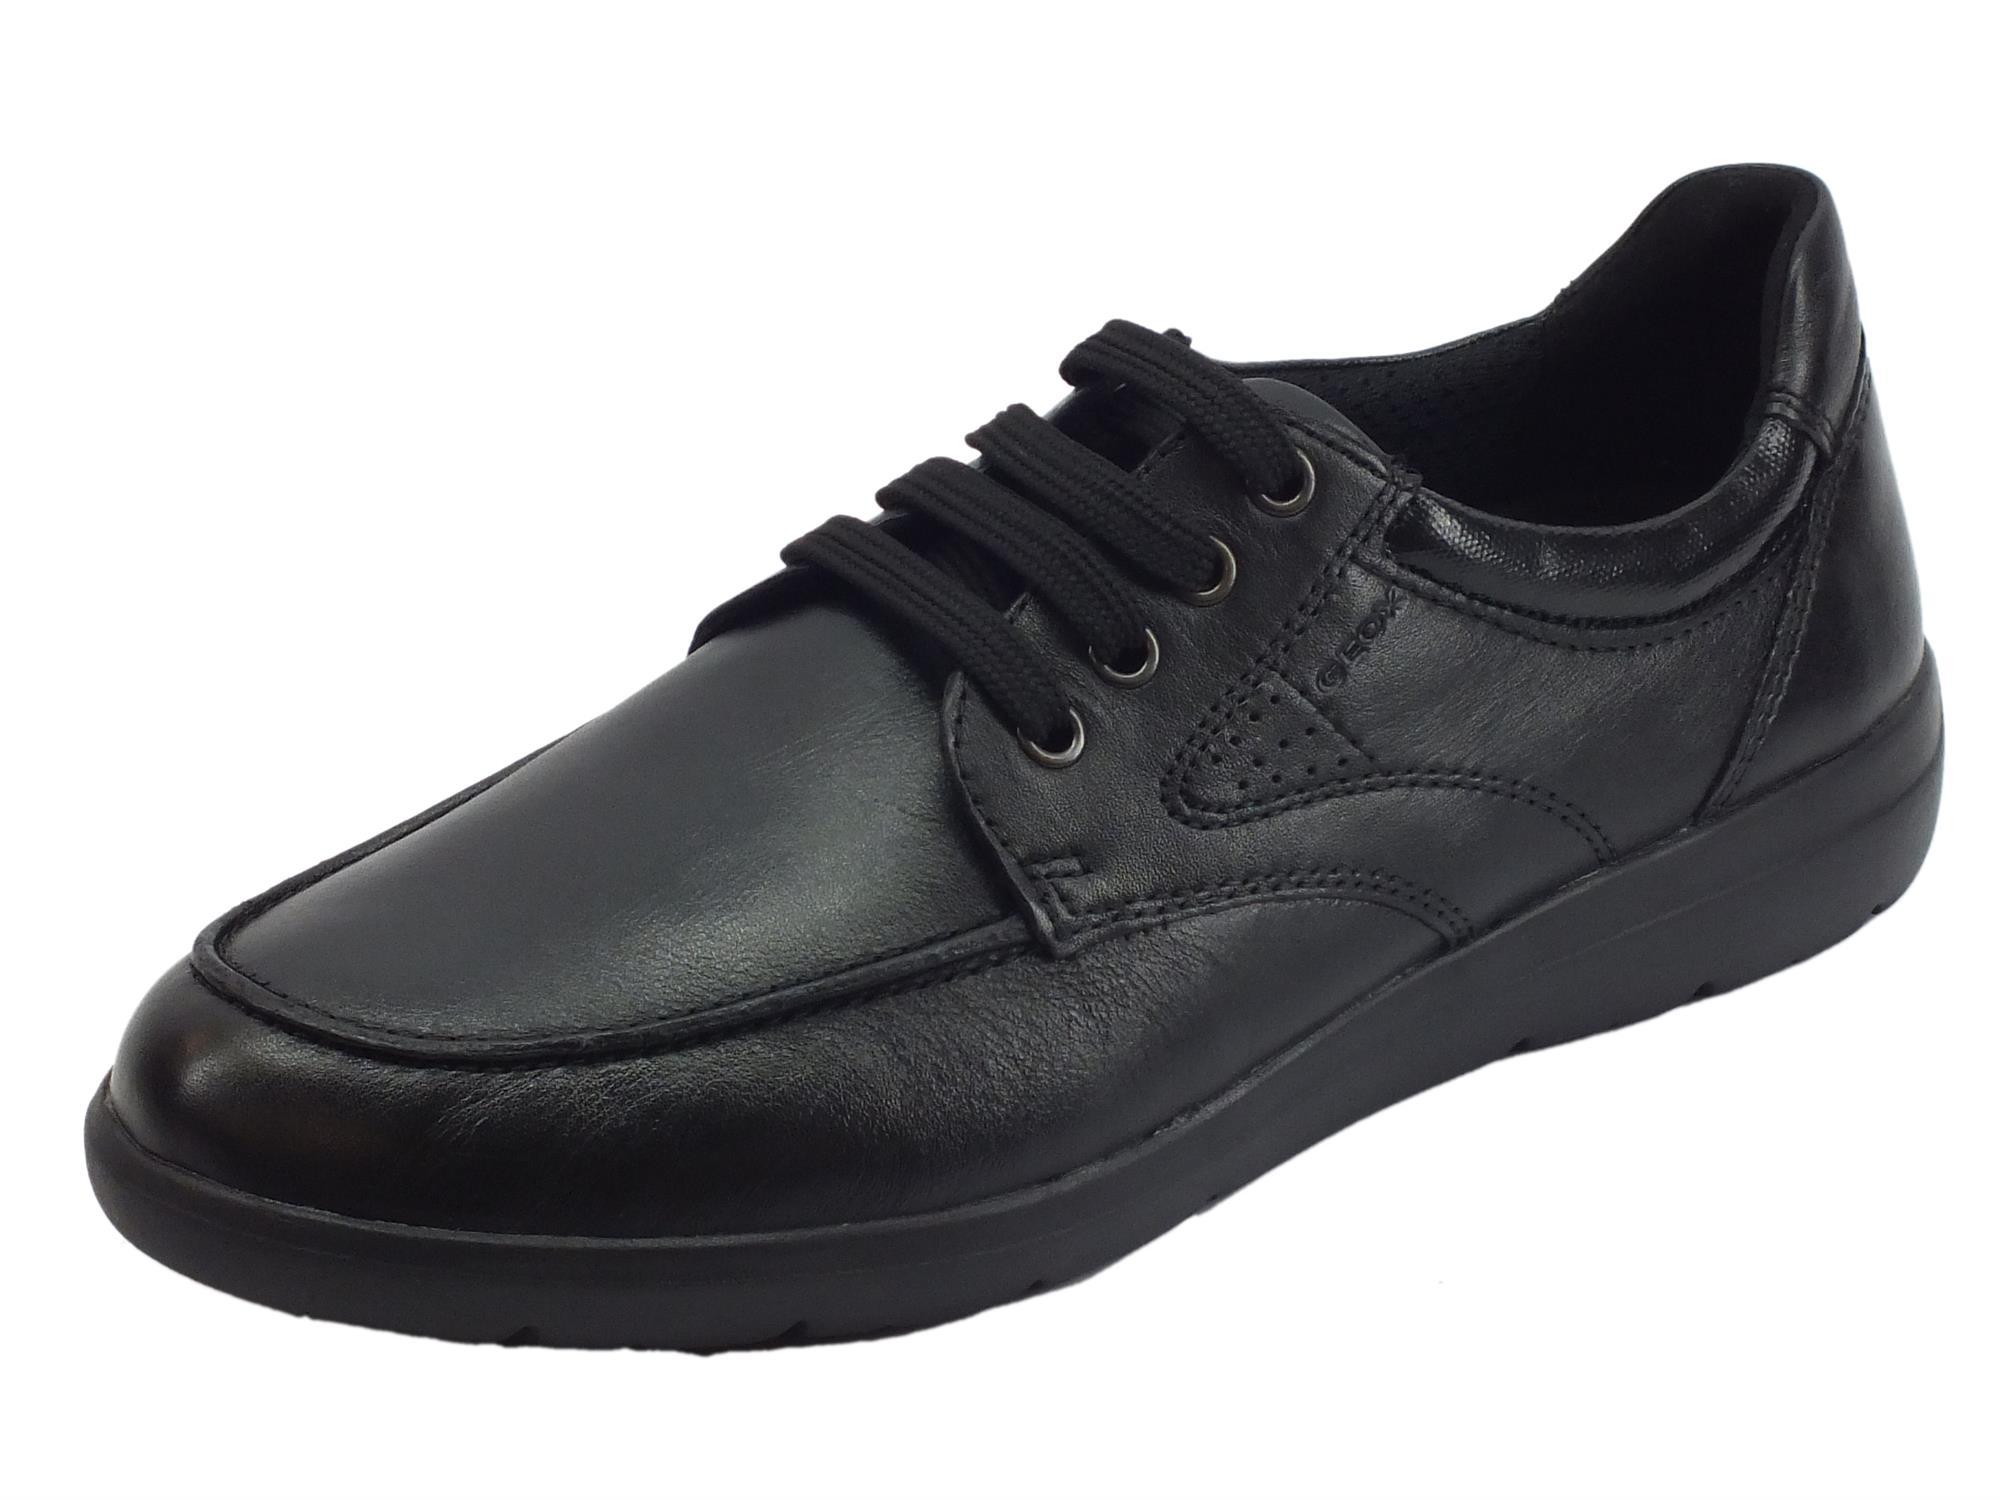 55a90e11ea3112 Geox U Leitan scarpe classiche uomo pelle nera - Vitiello Calzature